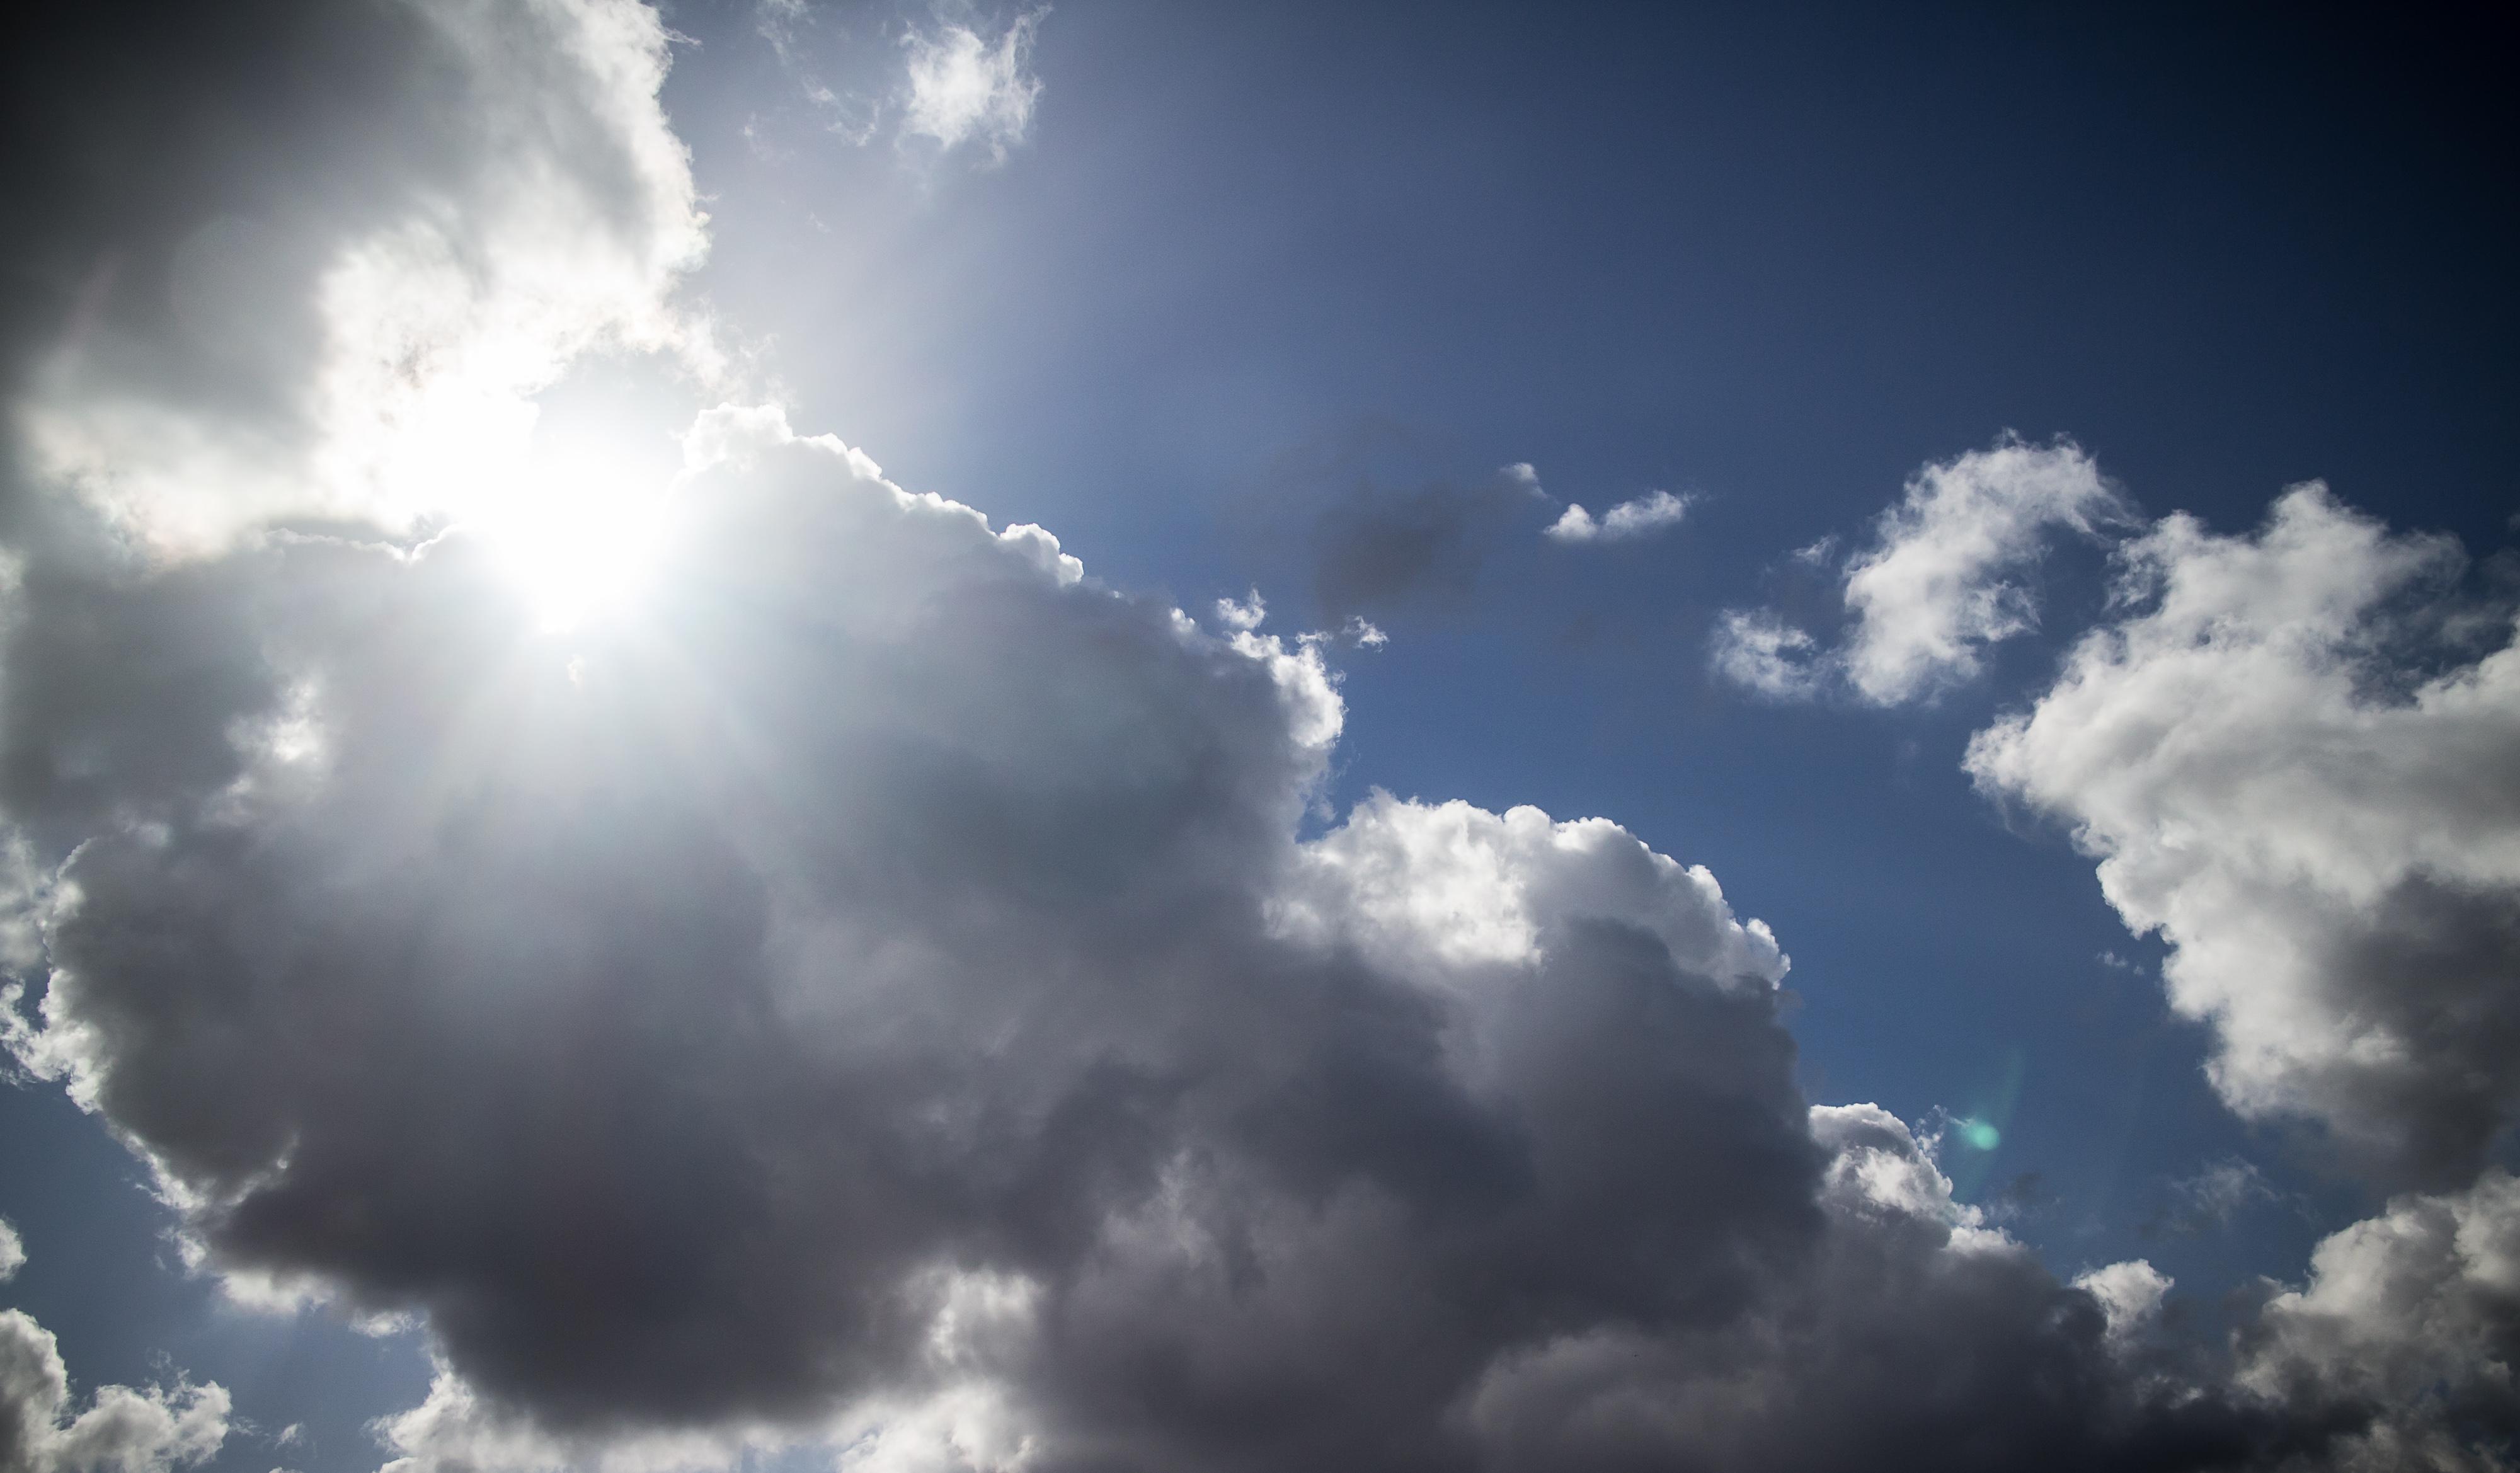 Météo : un temps nuageux et plus frais pour ce jour férié - BX1